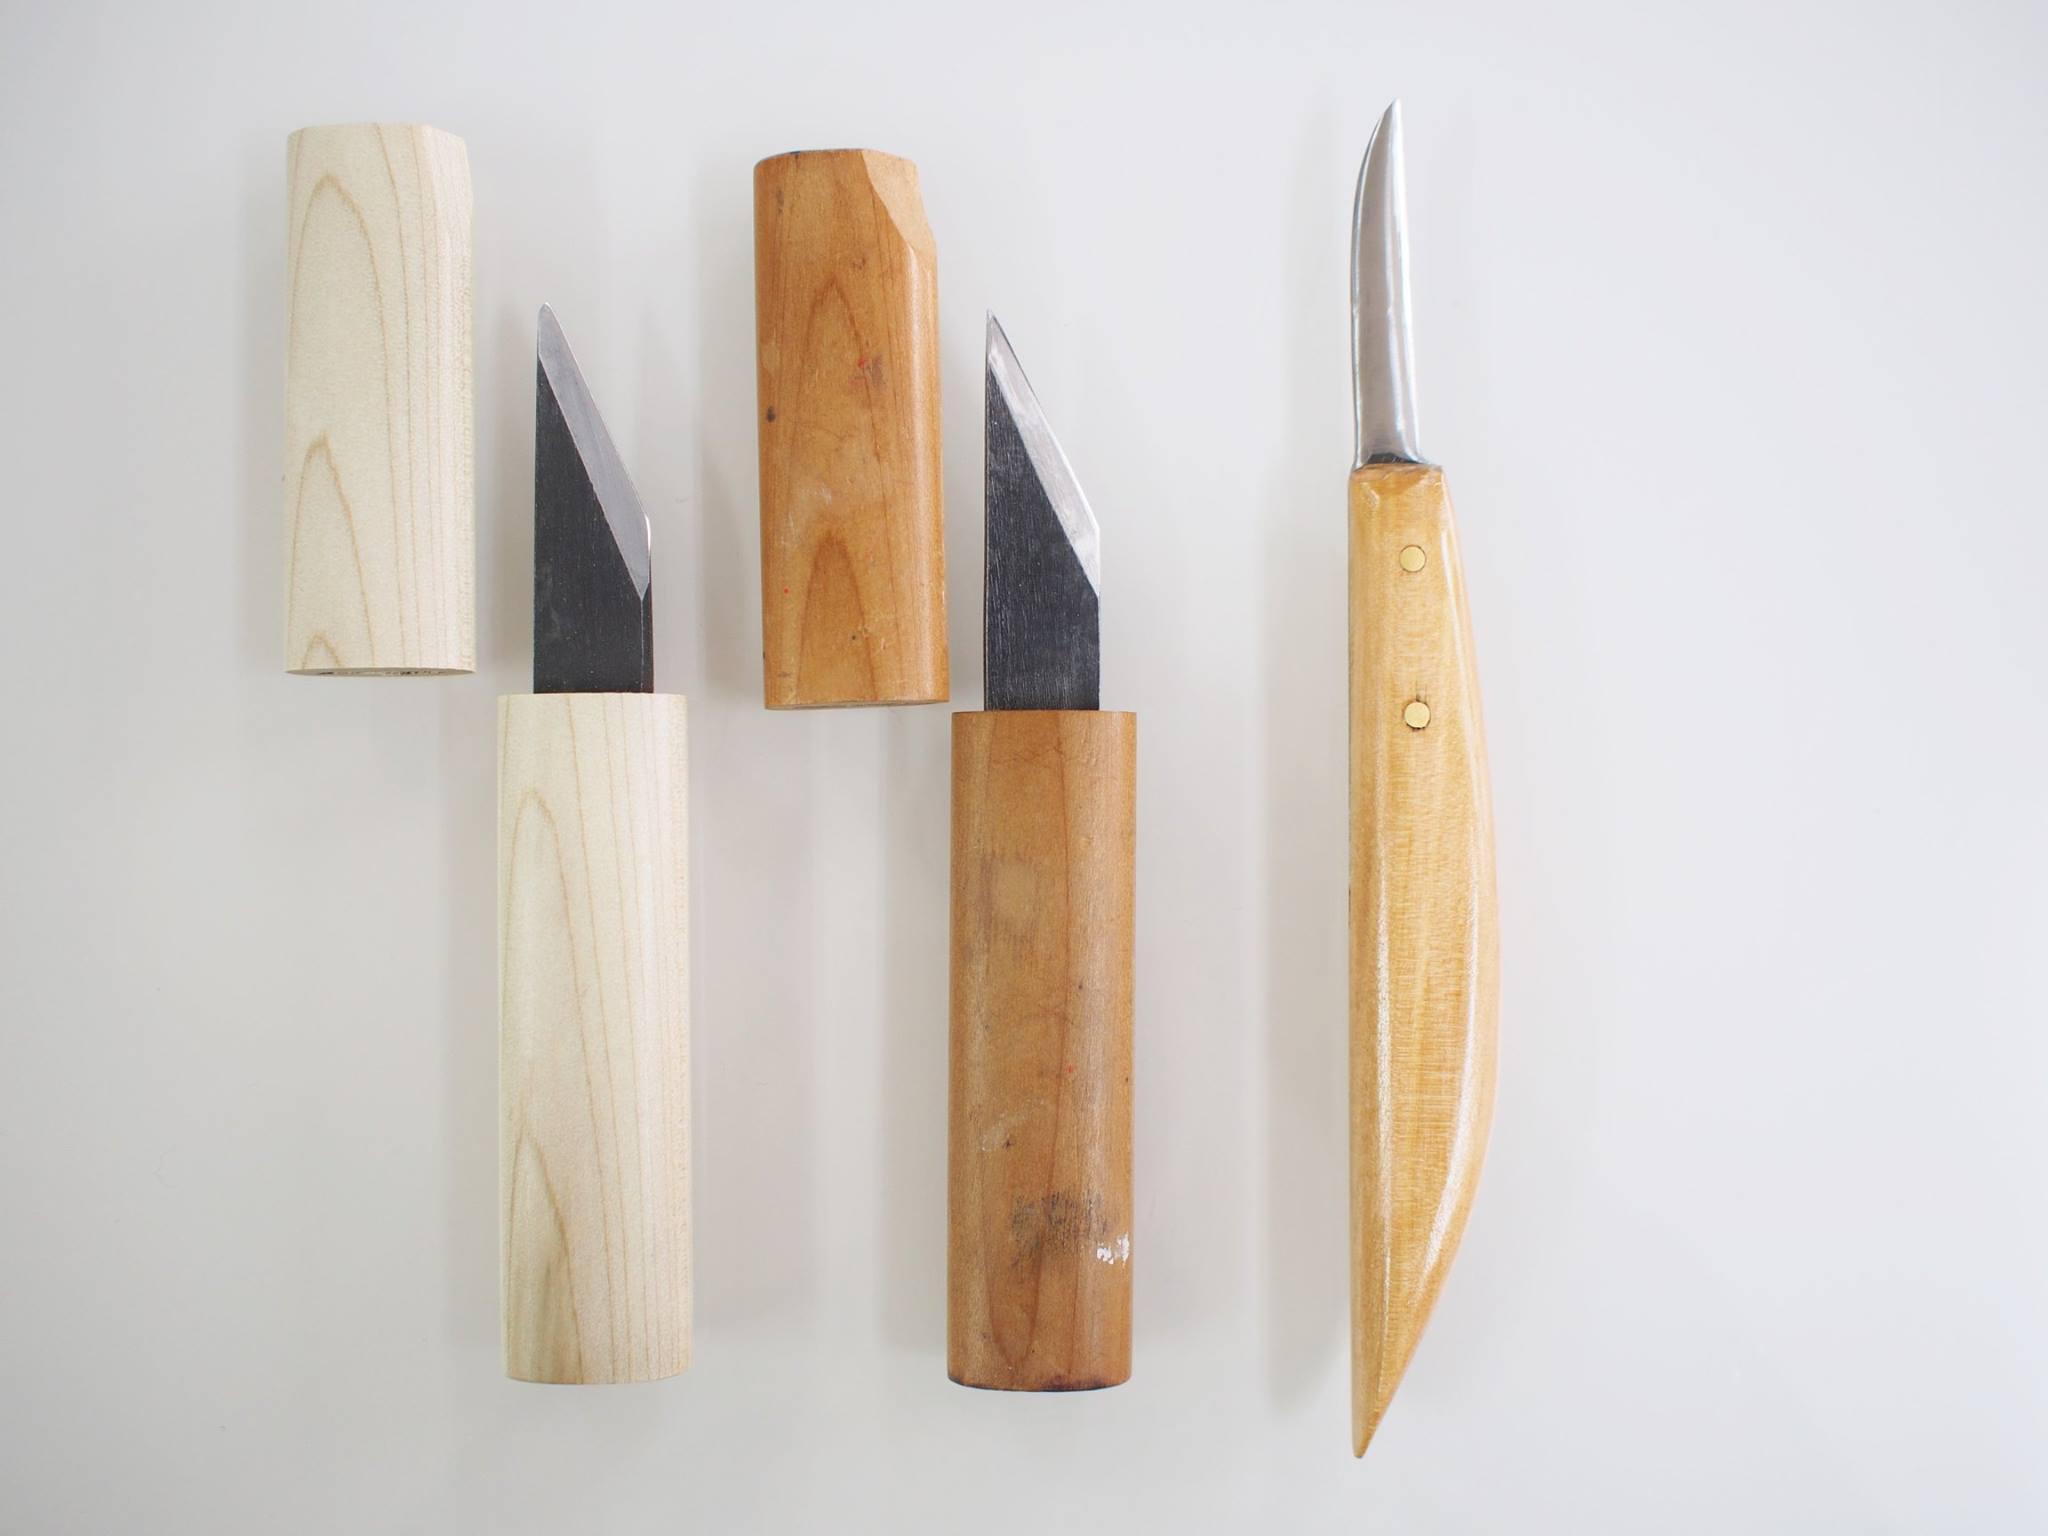 羽根ペン用のナイフ(クイルナイフ)